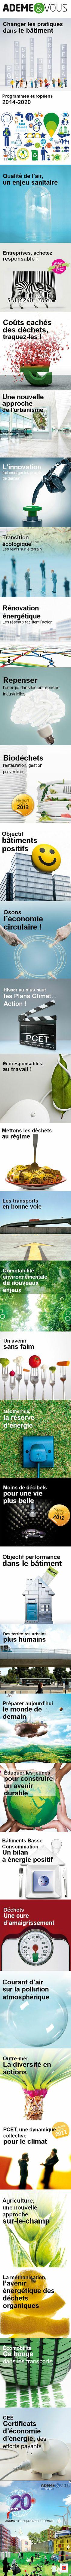 Ademe & vous, les couv de dossiers du journal de l'Agence de l'Environnement et de la Maîtrise de l'Energie